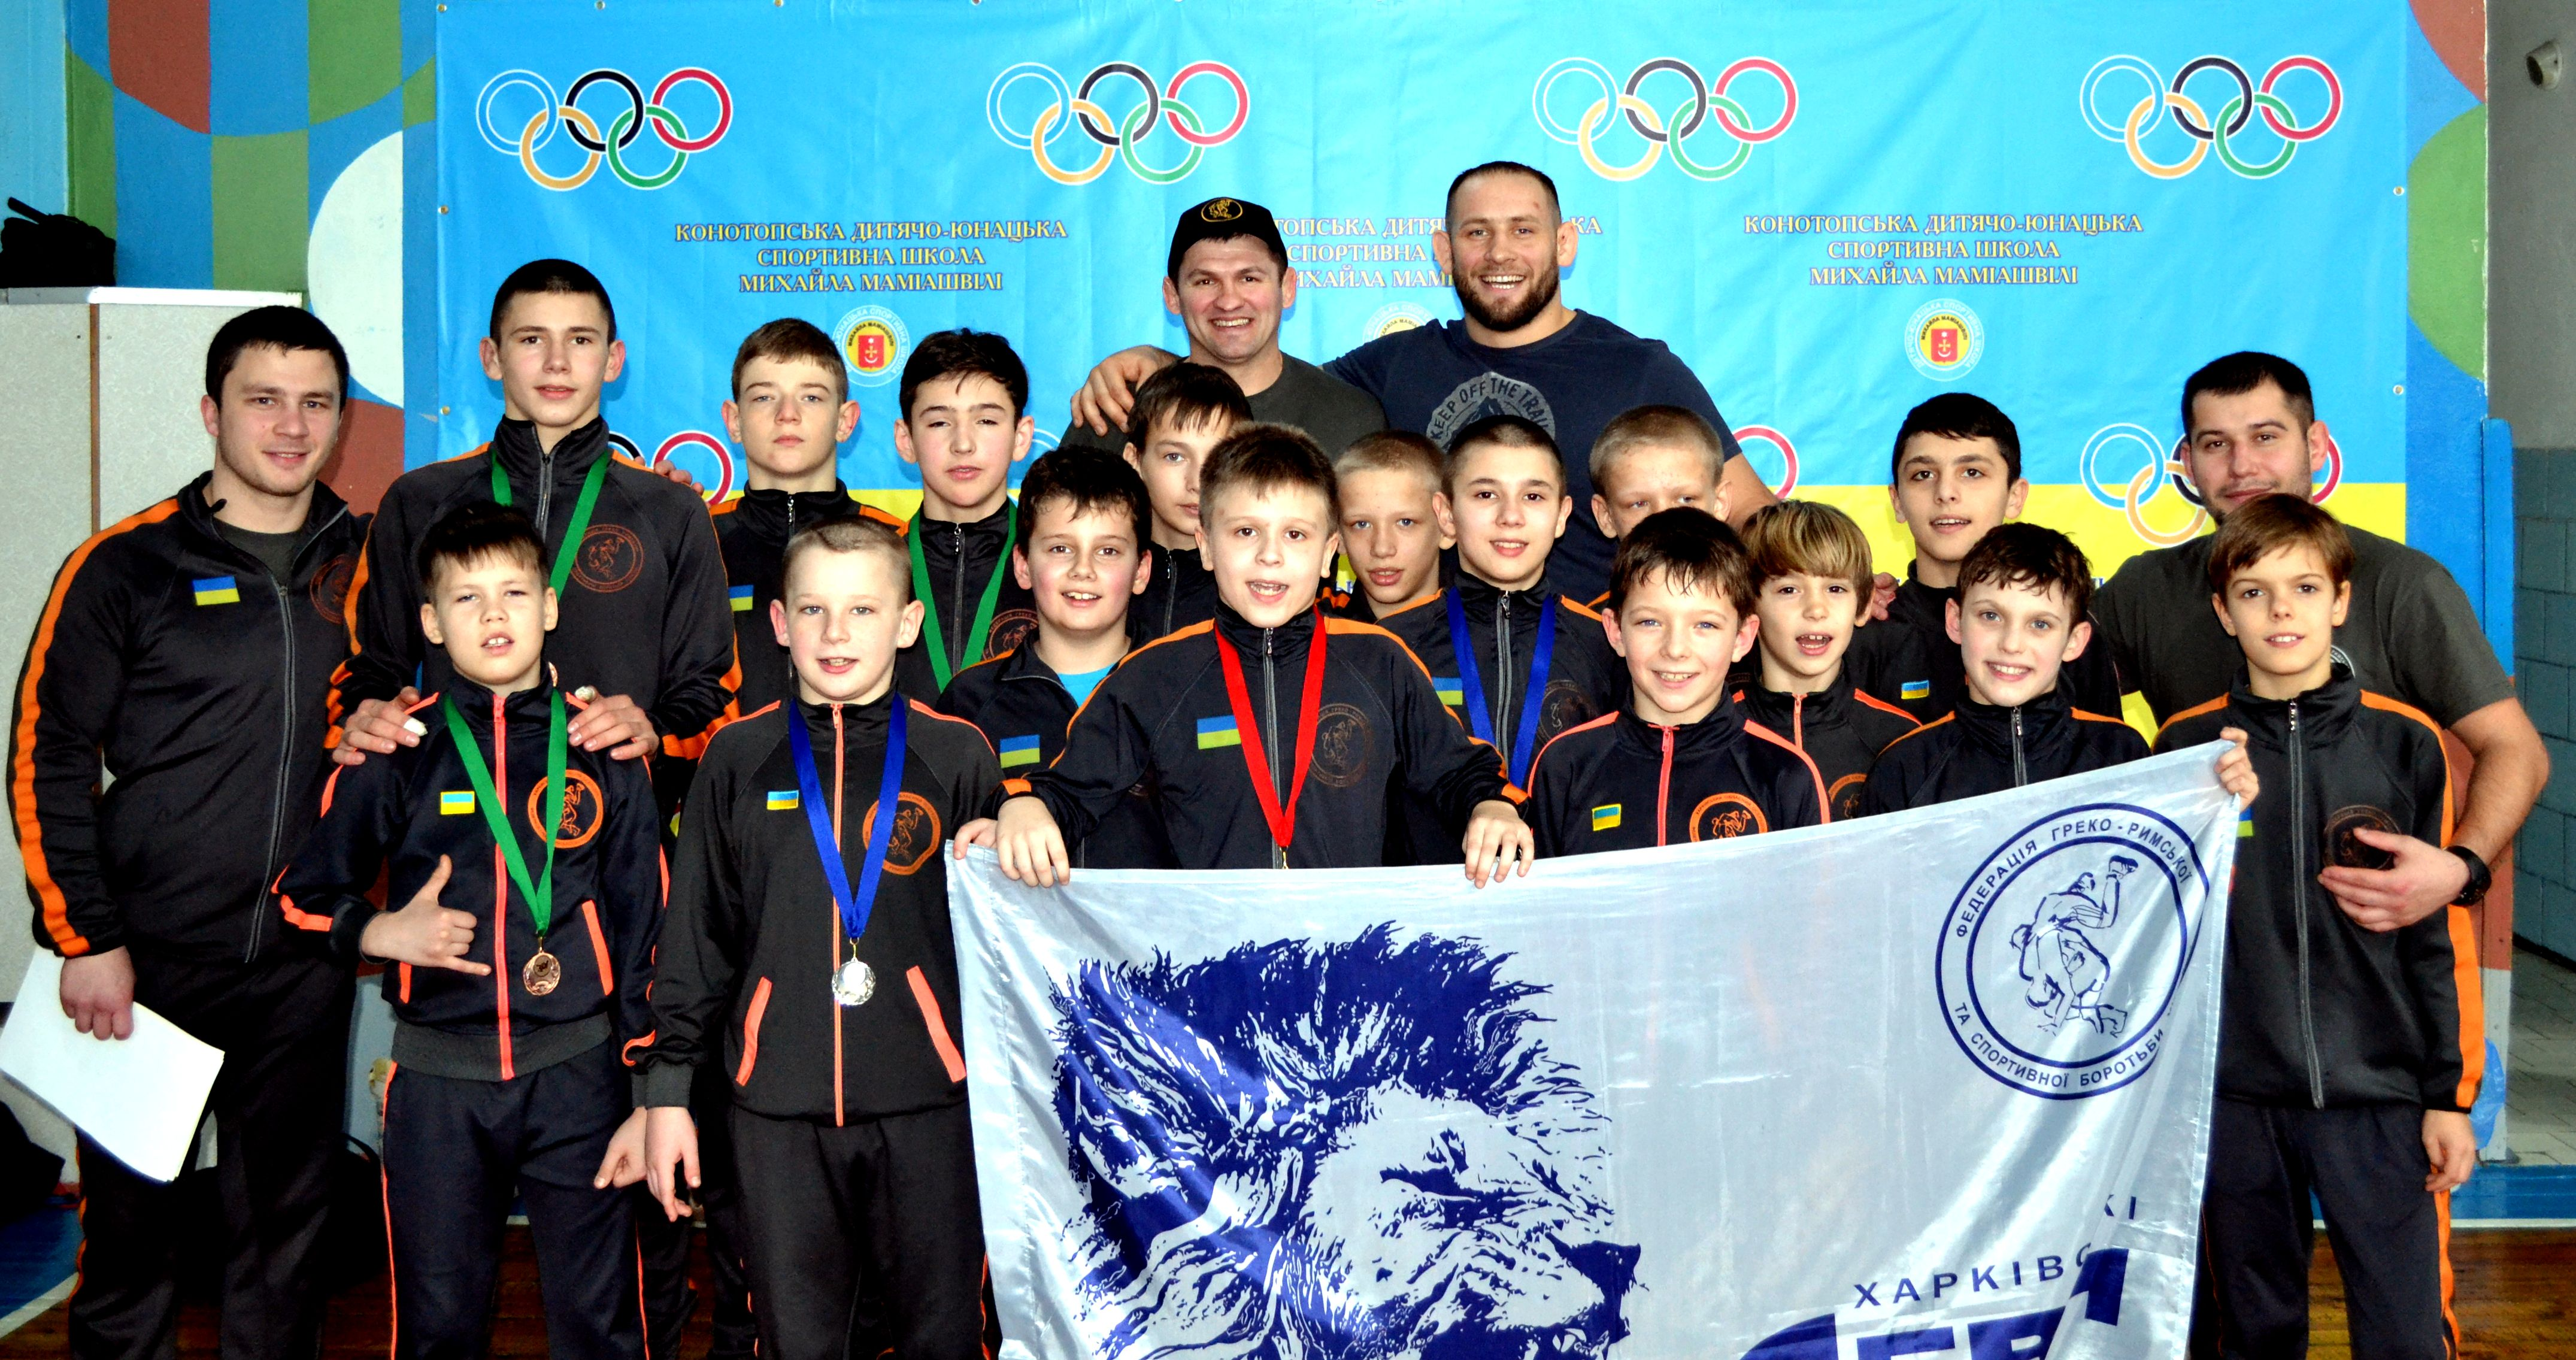 Юні харківські борці успішно виступили на всеукраїнському турнірі